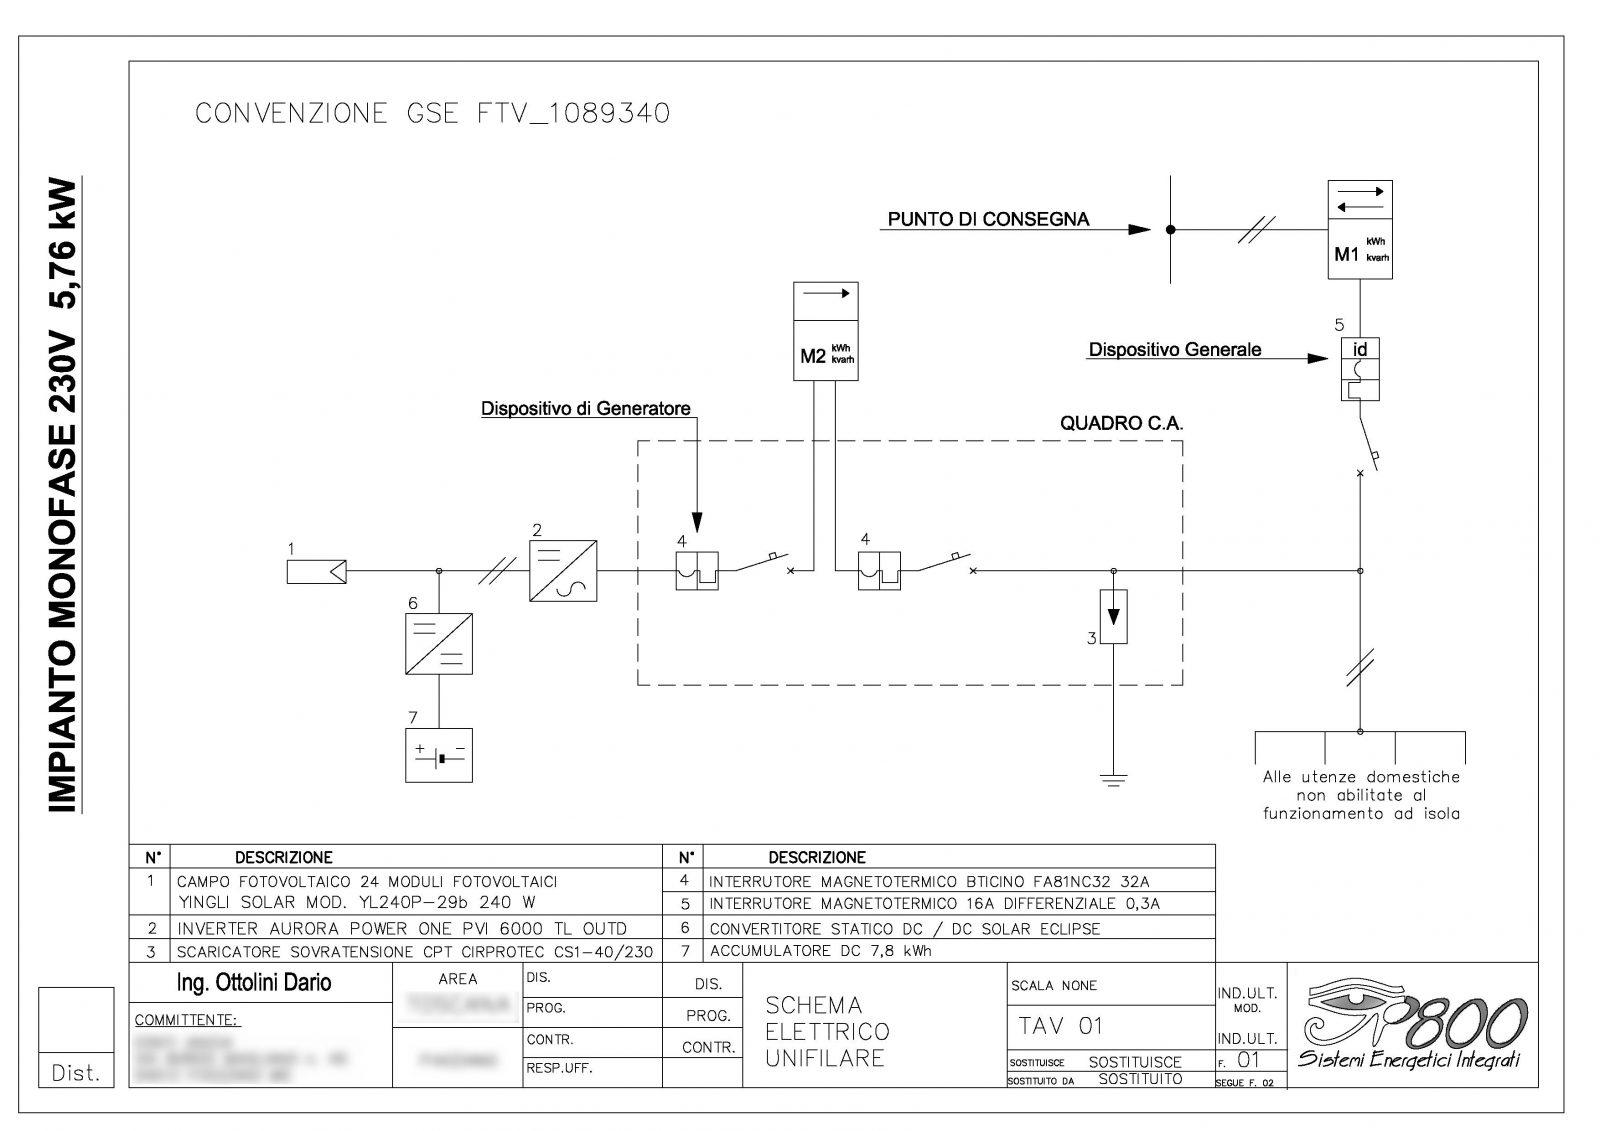 Schema Elettrico Impianto Fotovoltaico 6 Kw : Impianti incentivati e sistemi di accumulo fotovoltaico